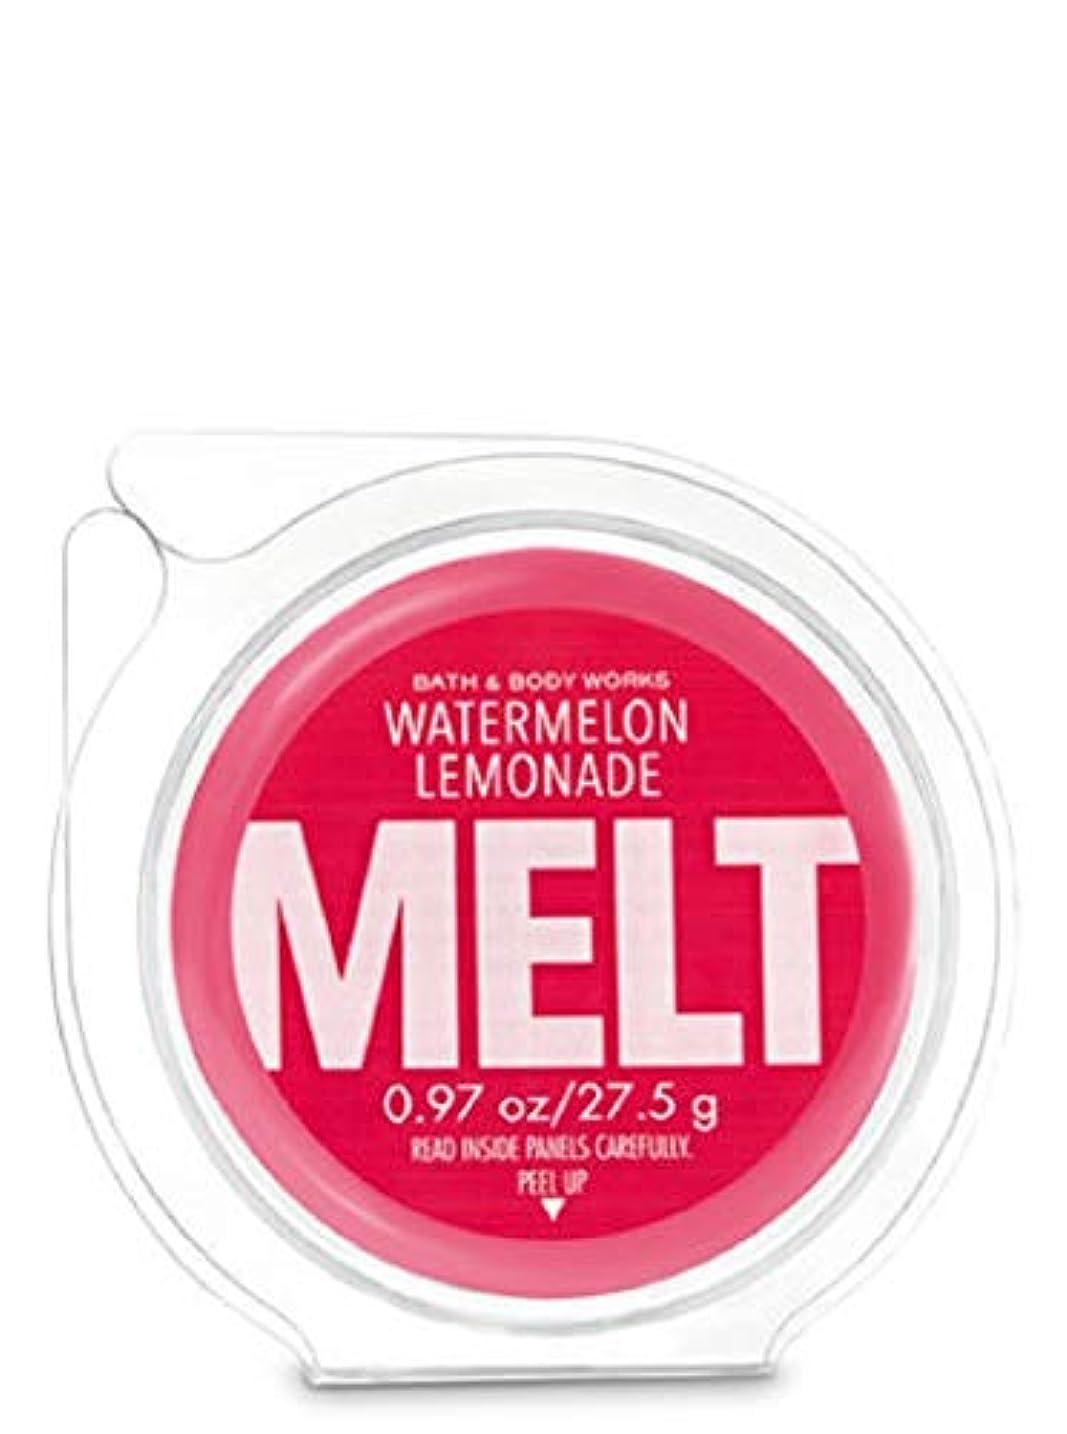 グラム周囲学士【Bath&Body Works/バス&ボディワークス】 フレグランスメルト タルト ワックスポプリ ウォーターメロンレモネード Wax Fragrance Melt Watermelon Lemonade 0.97oz...